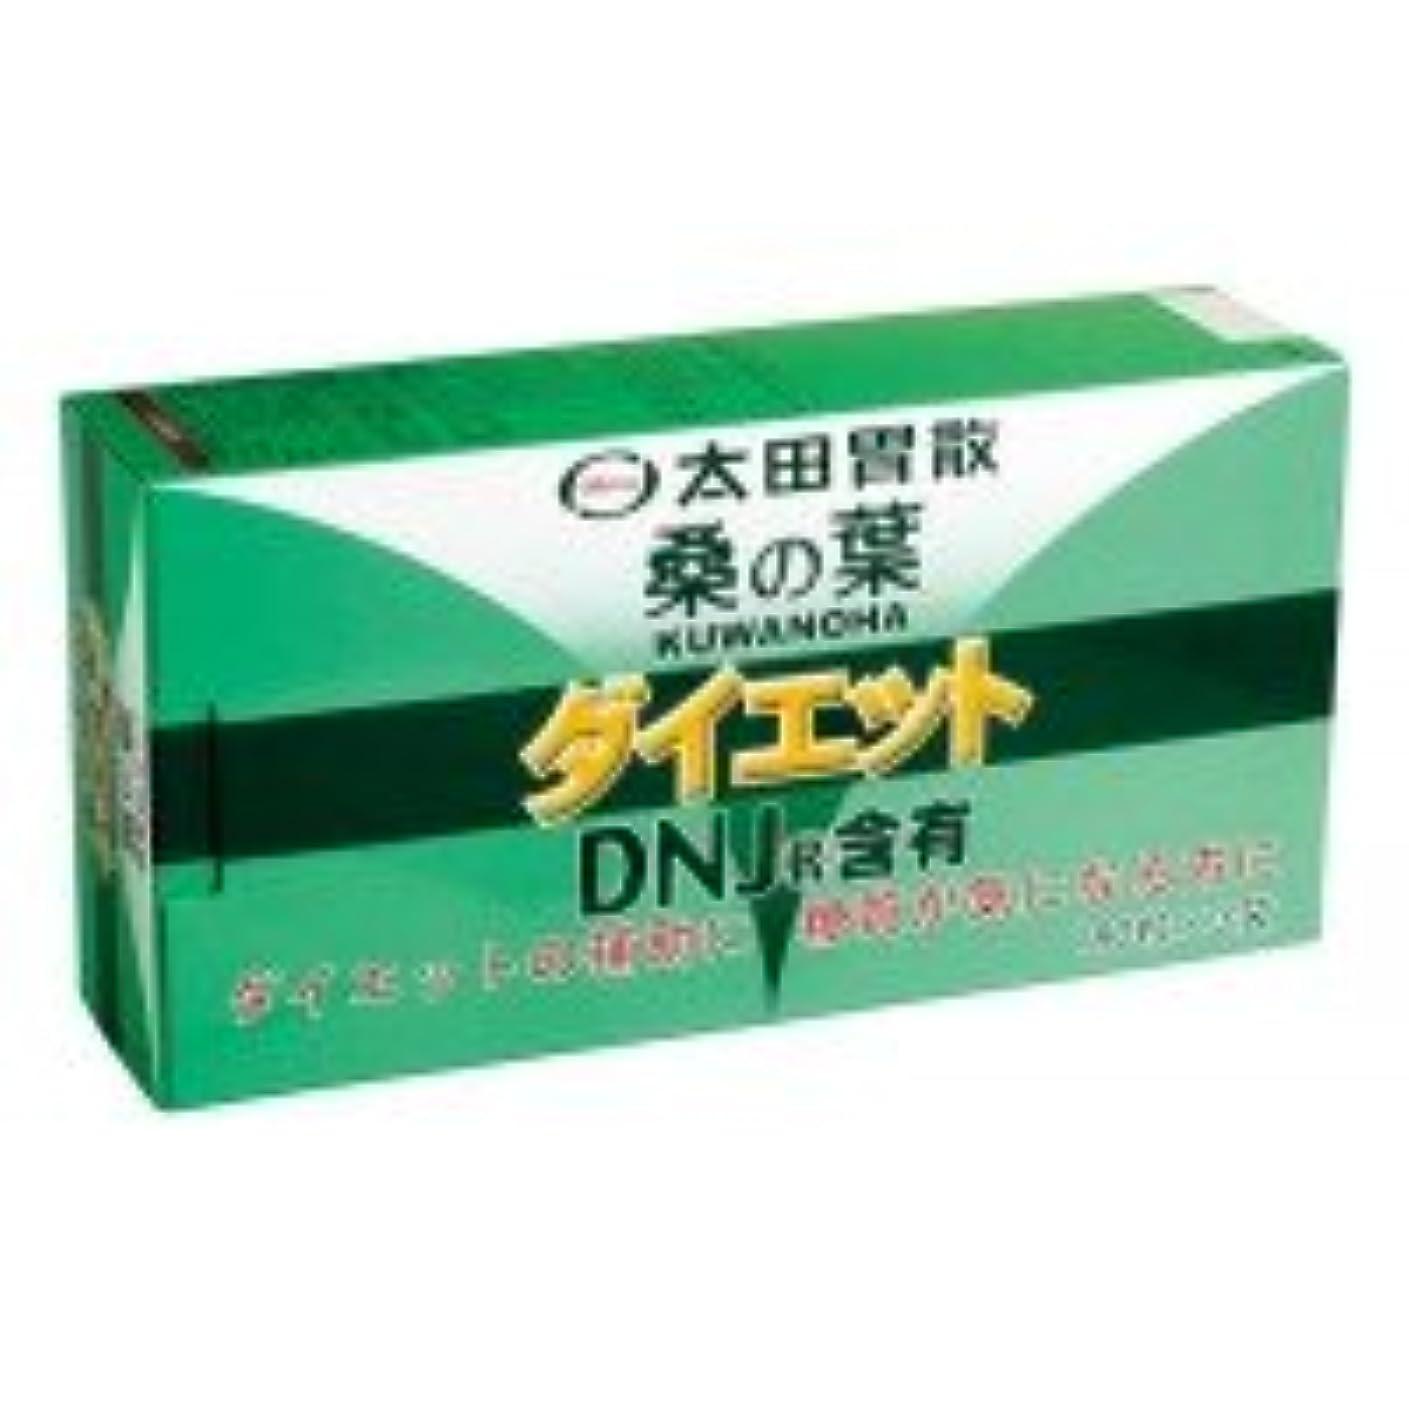 オートマトン倉庫橋太田胃散 桑の葉ダイエット 540粒